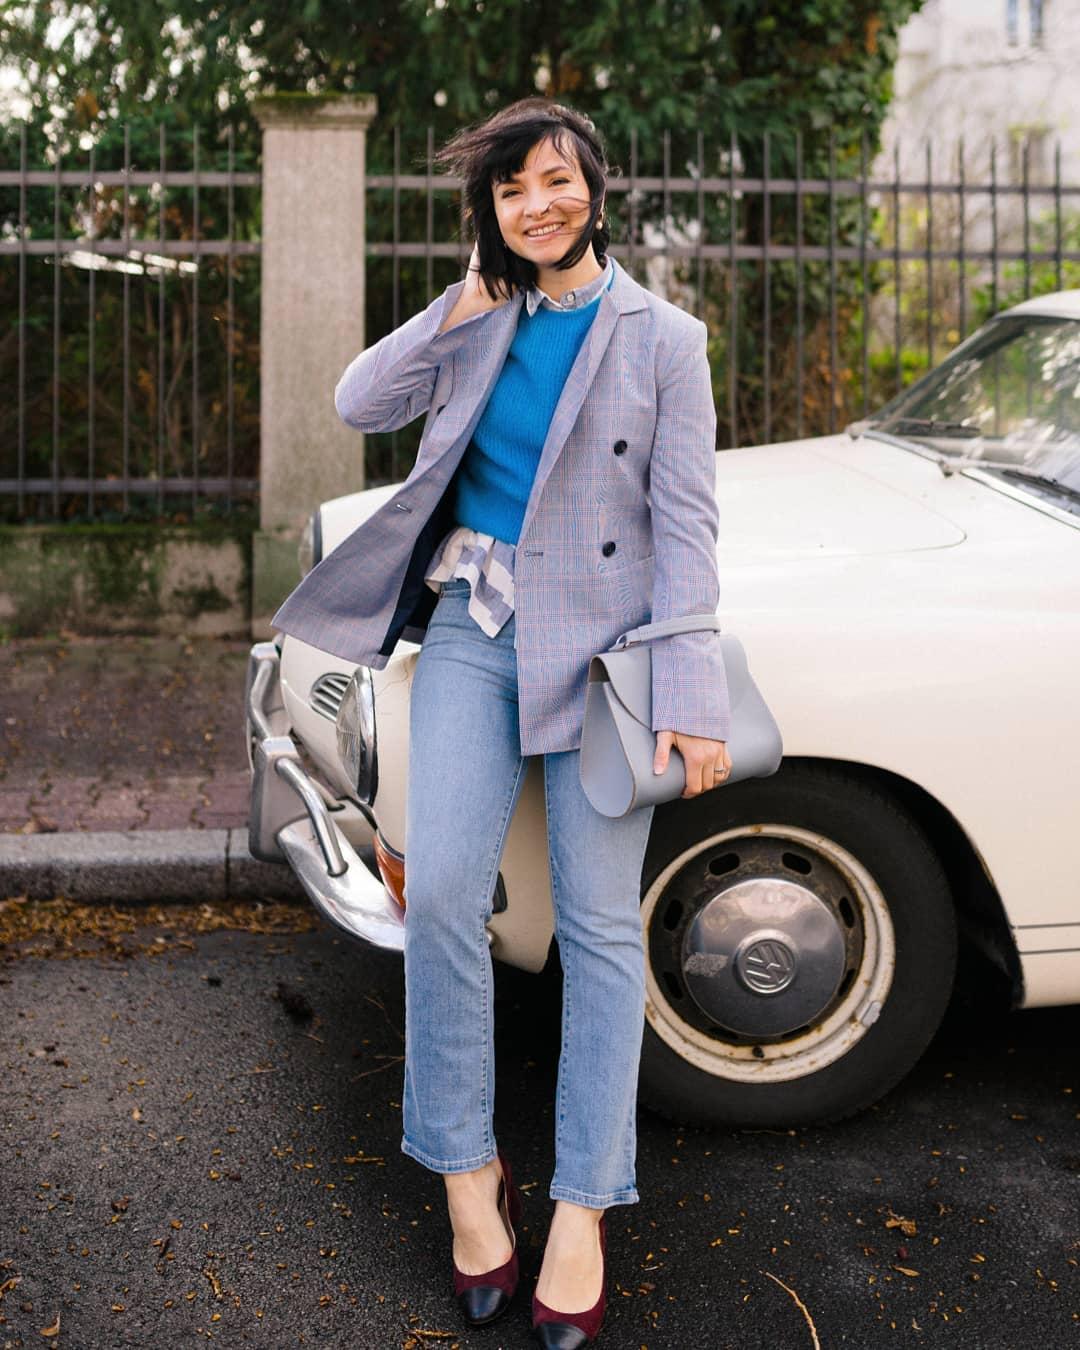 Как одеться на собеседование, чтобы получить работу мечты-Фото 2